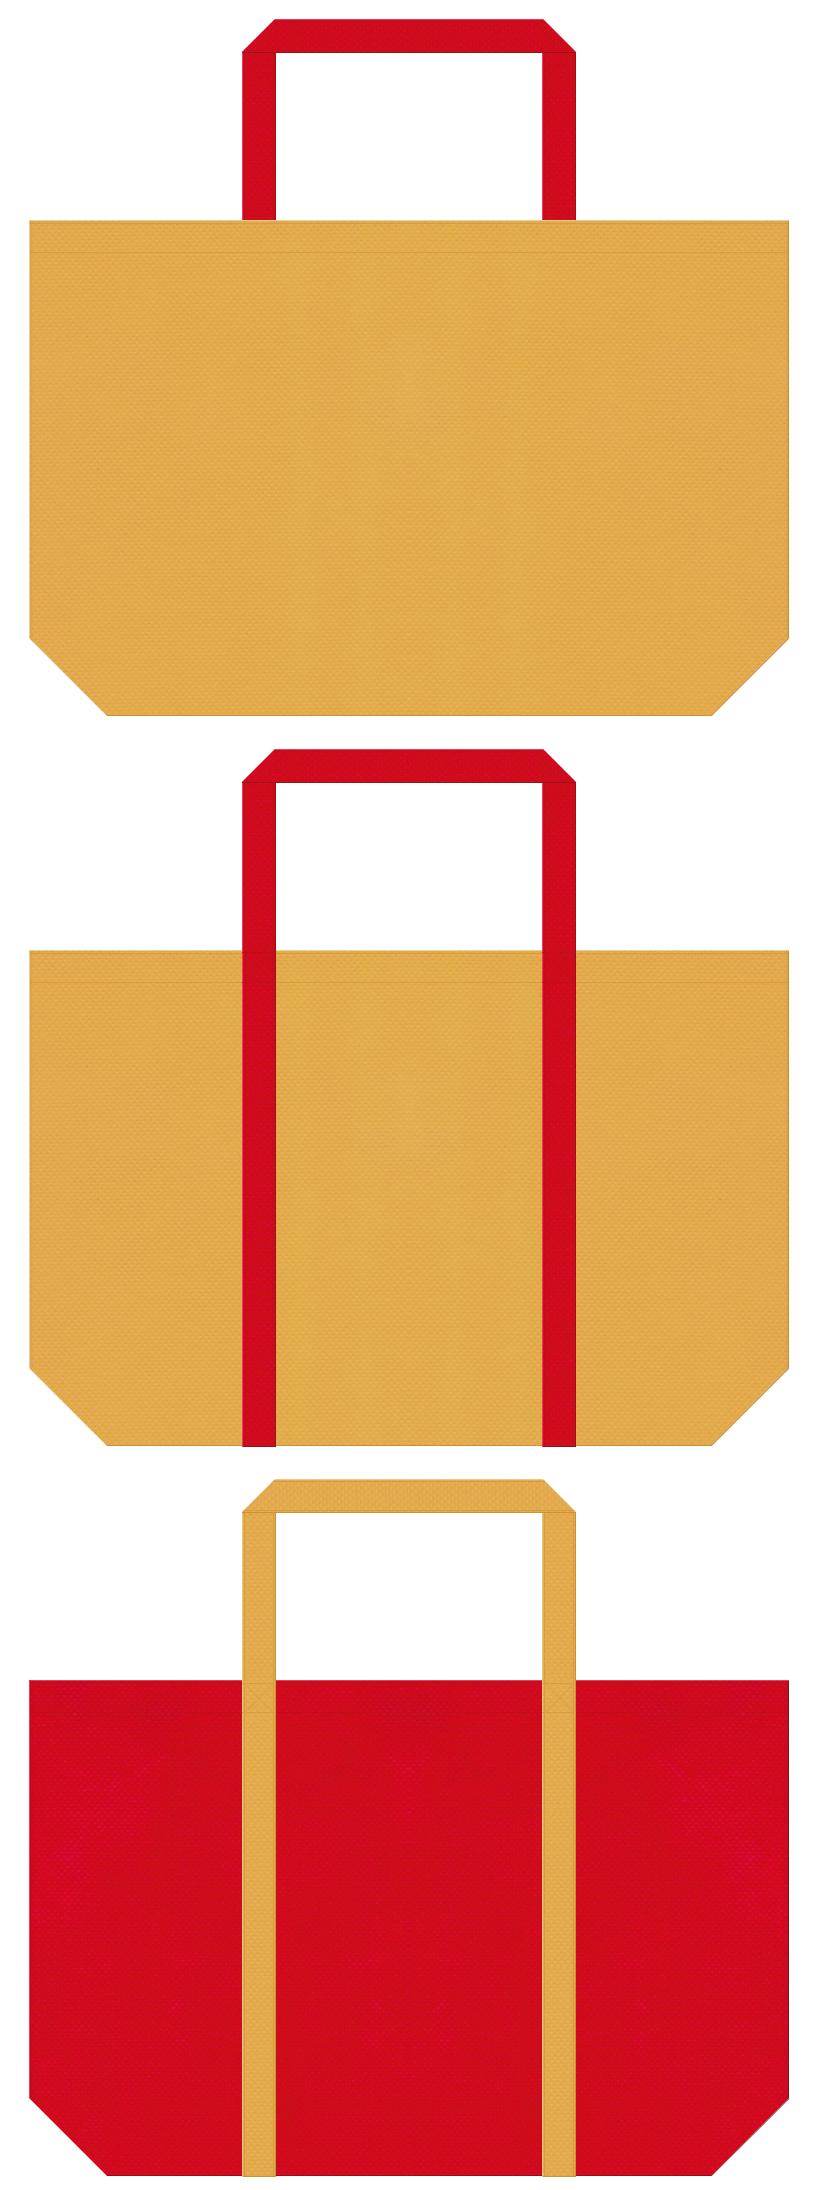 黄土色と紅色の不織布ショッピングバッグデザイン。節分用品にお奨めの配色です。